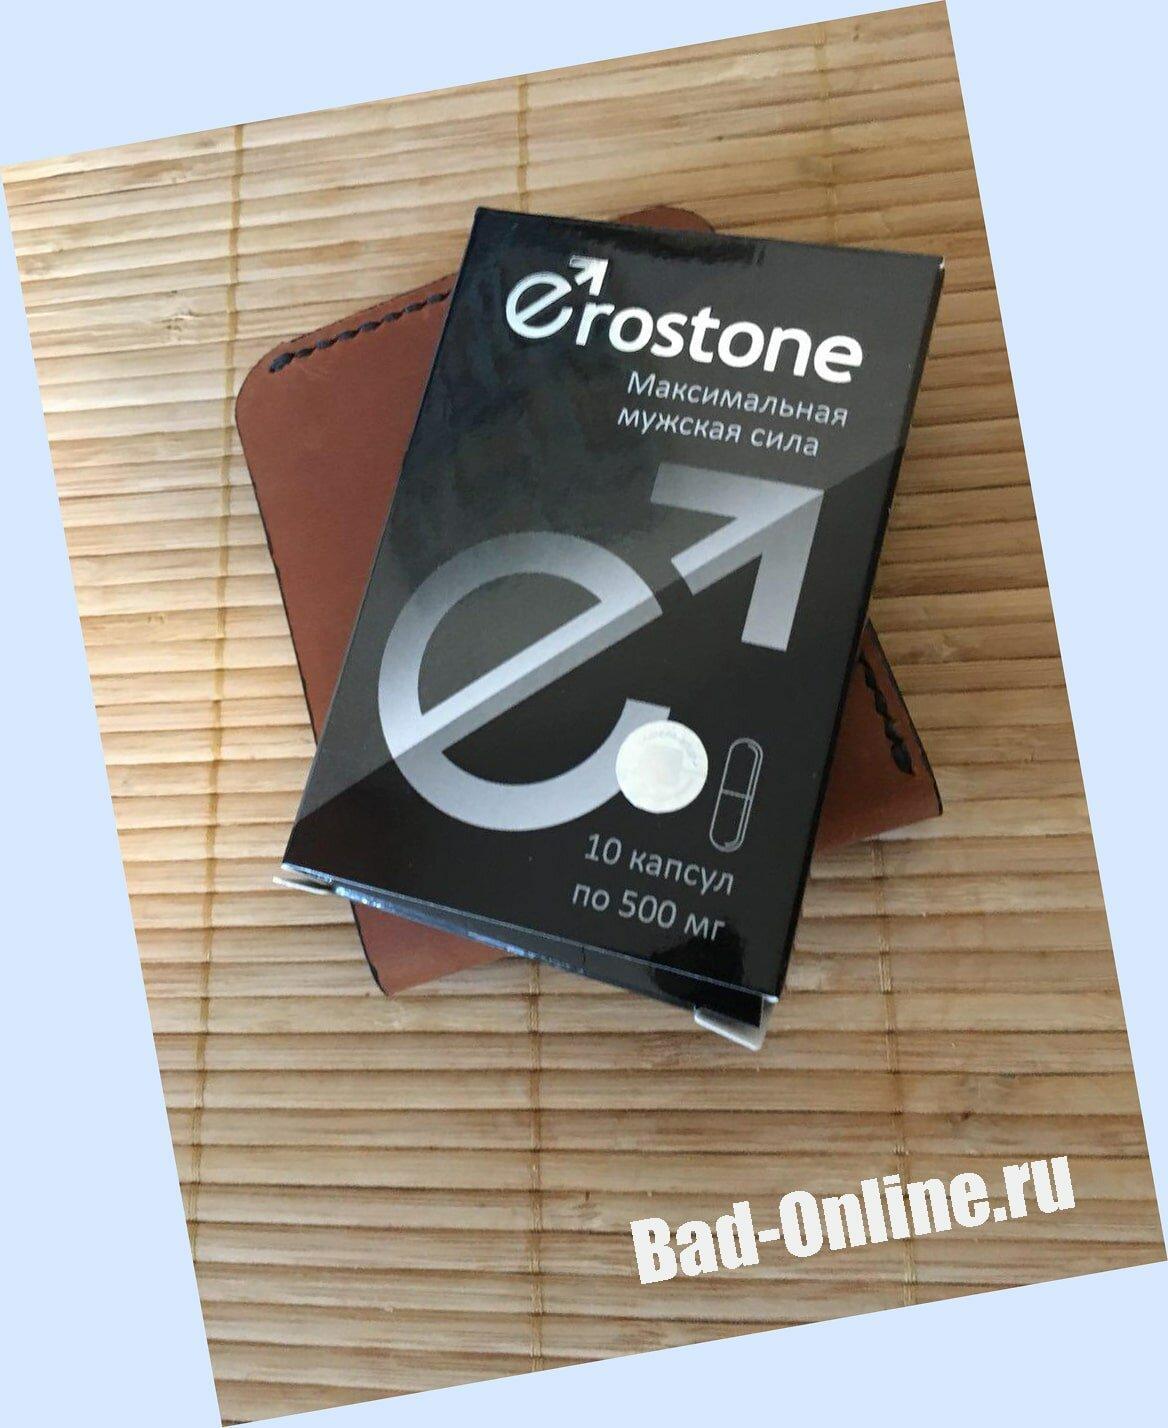 Erostone для потенции в Электростали